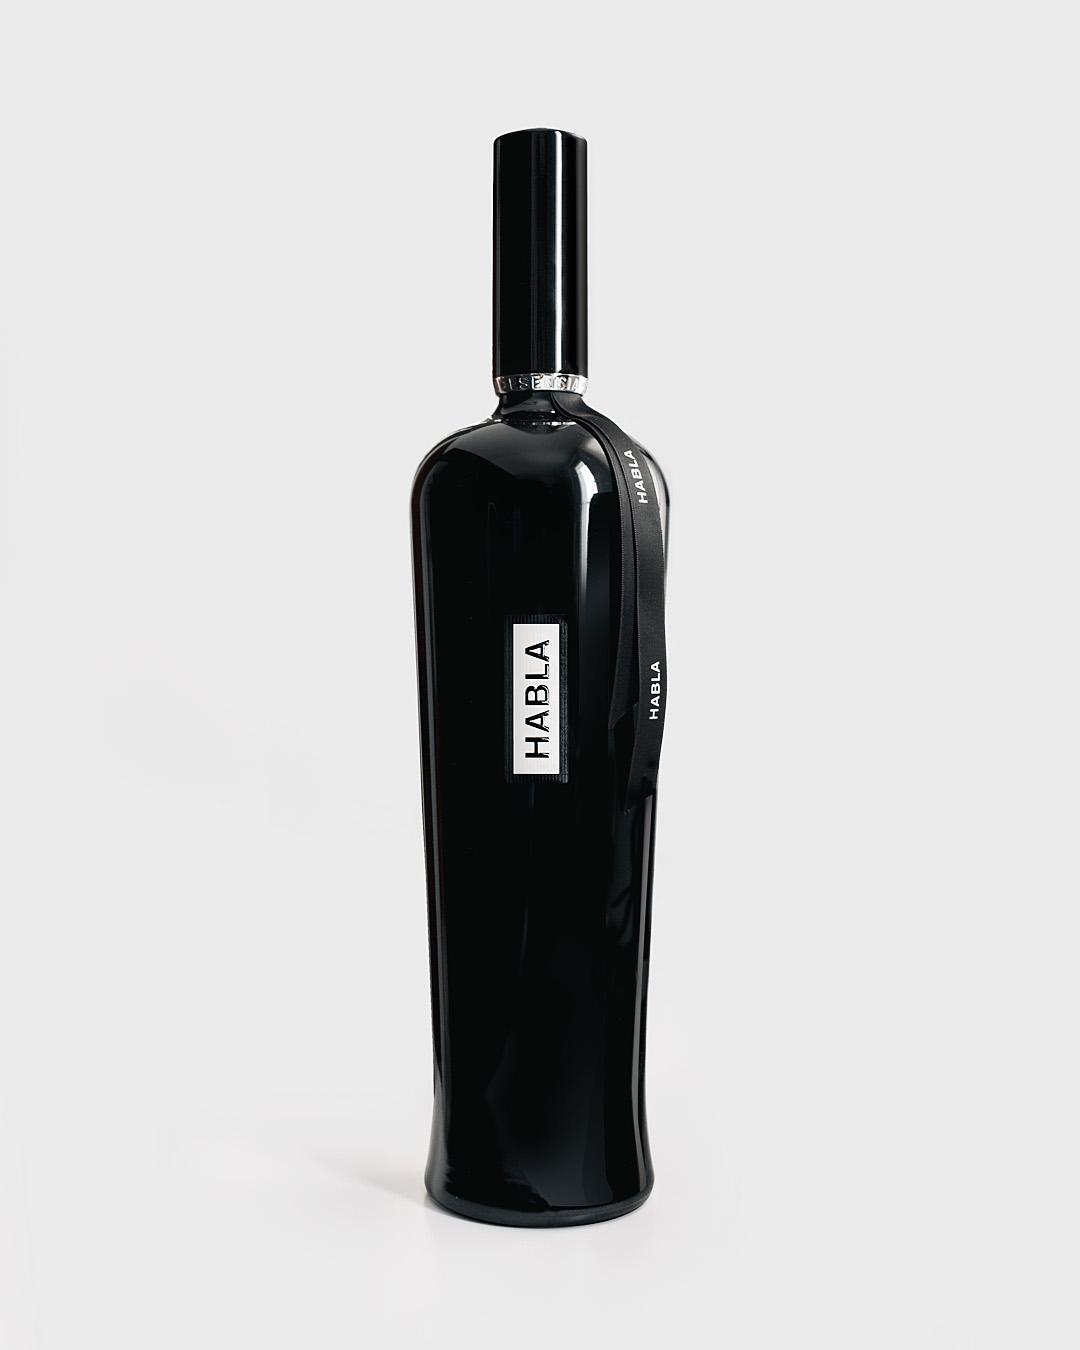 diseño de los vinos Habla - Valentín Iglesias - esencia de Habla magnum